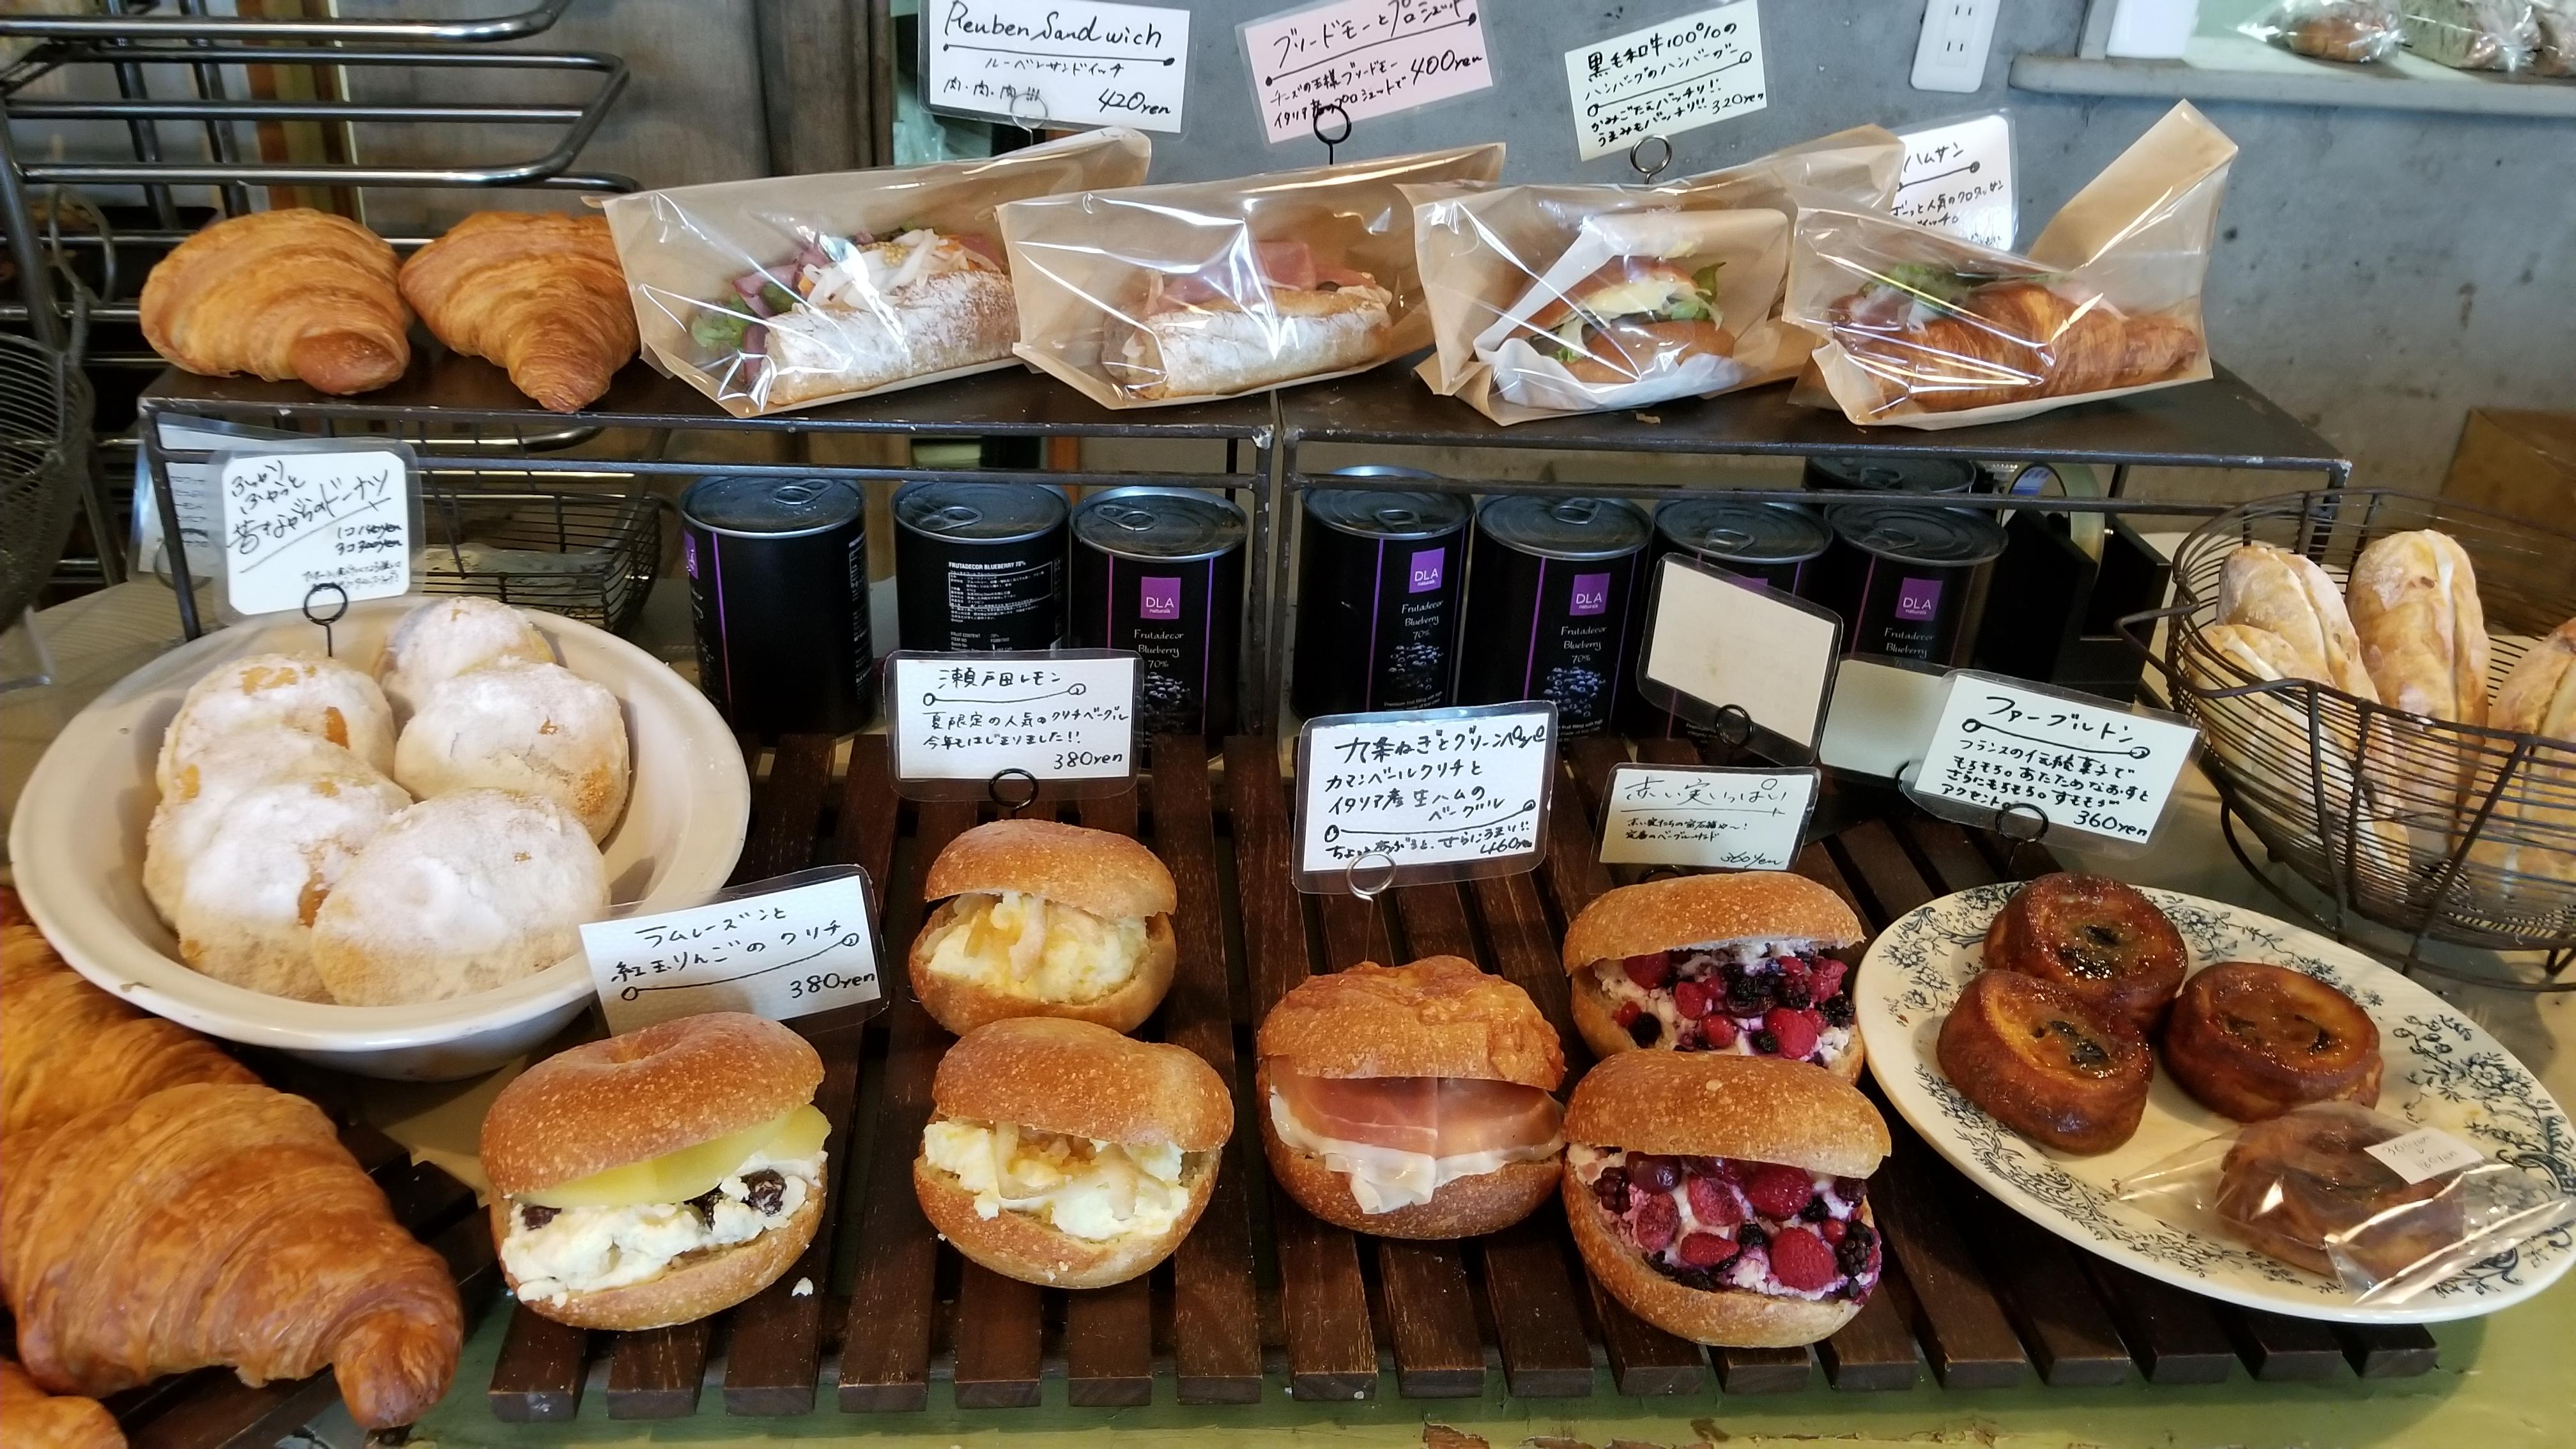 愛媛県松山市おいしいおすすめ人気辻パン屋穴場ぐるめ巡り大好きな